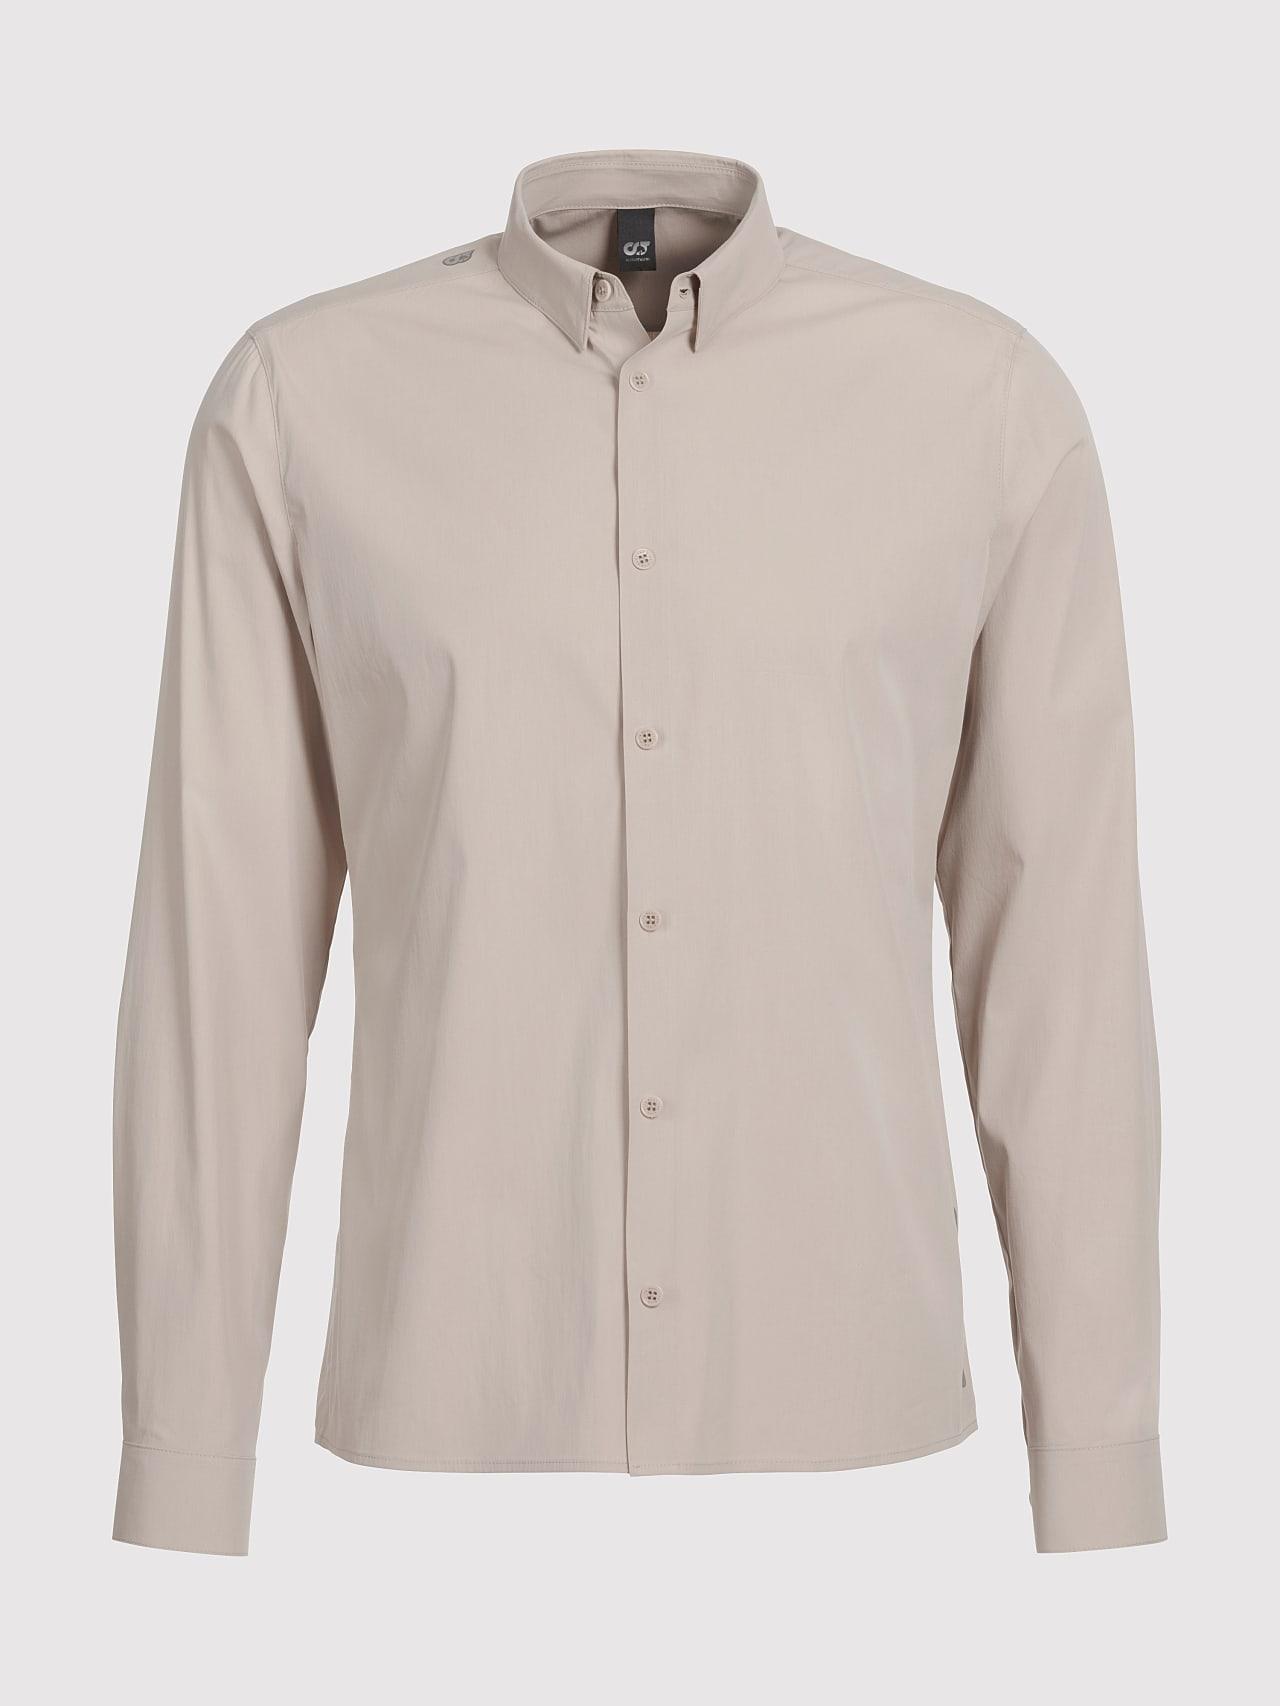 WAARG V1.Y5.01 Cotton-Stretch Shirt Sand Back Alpha Tauri